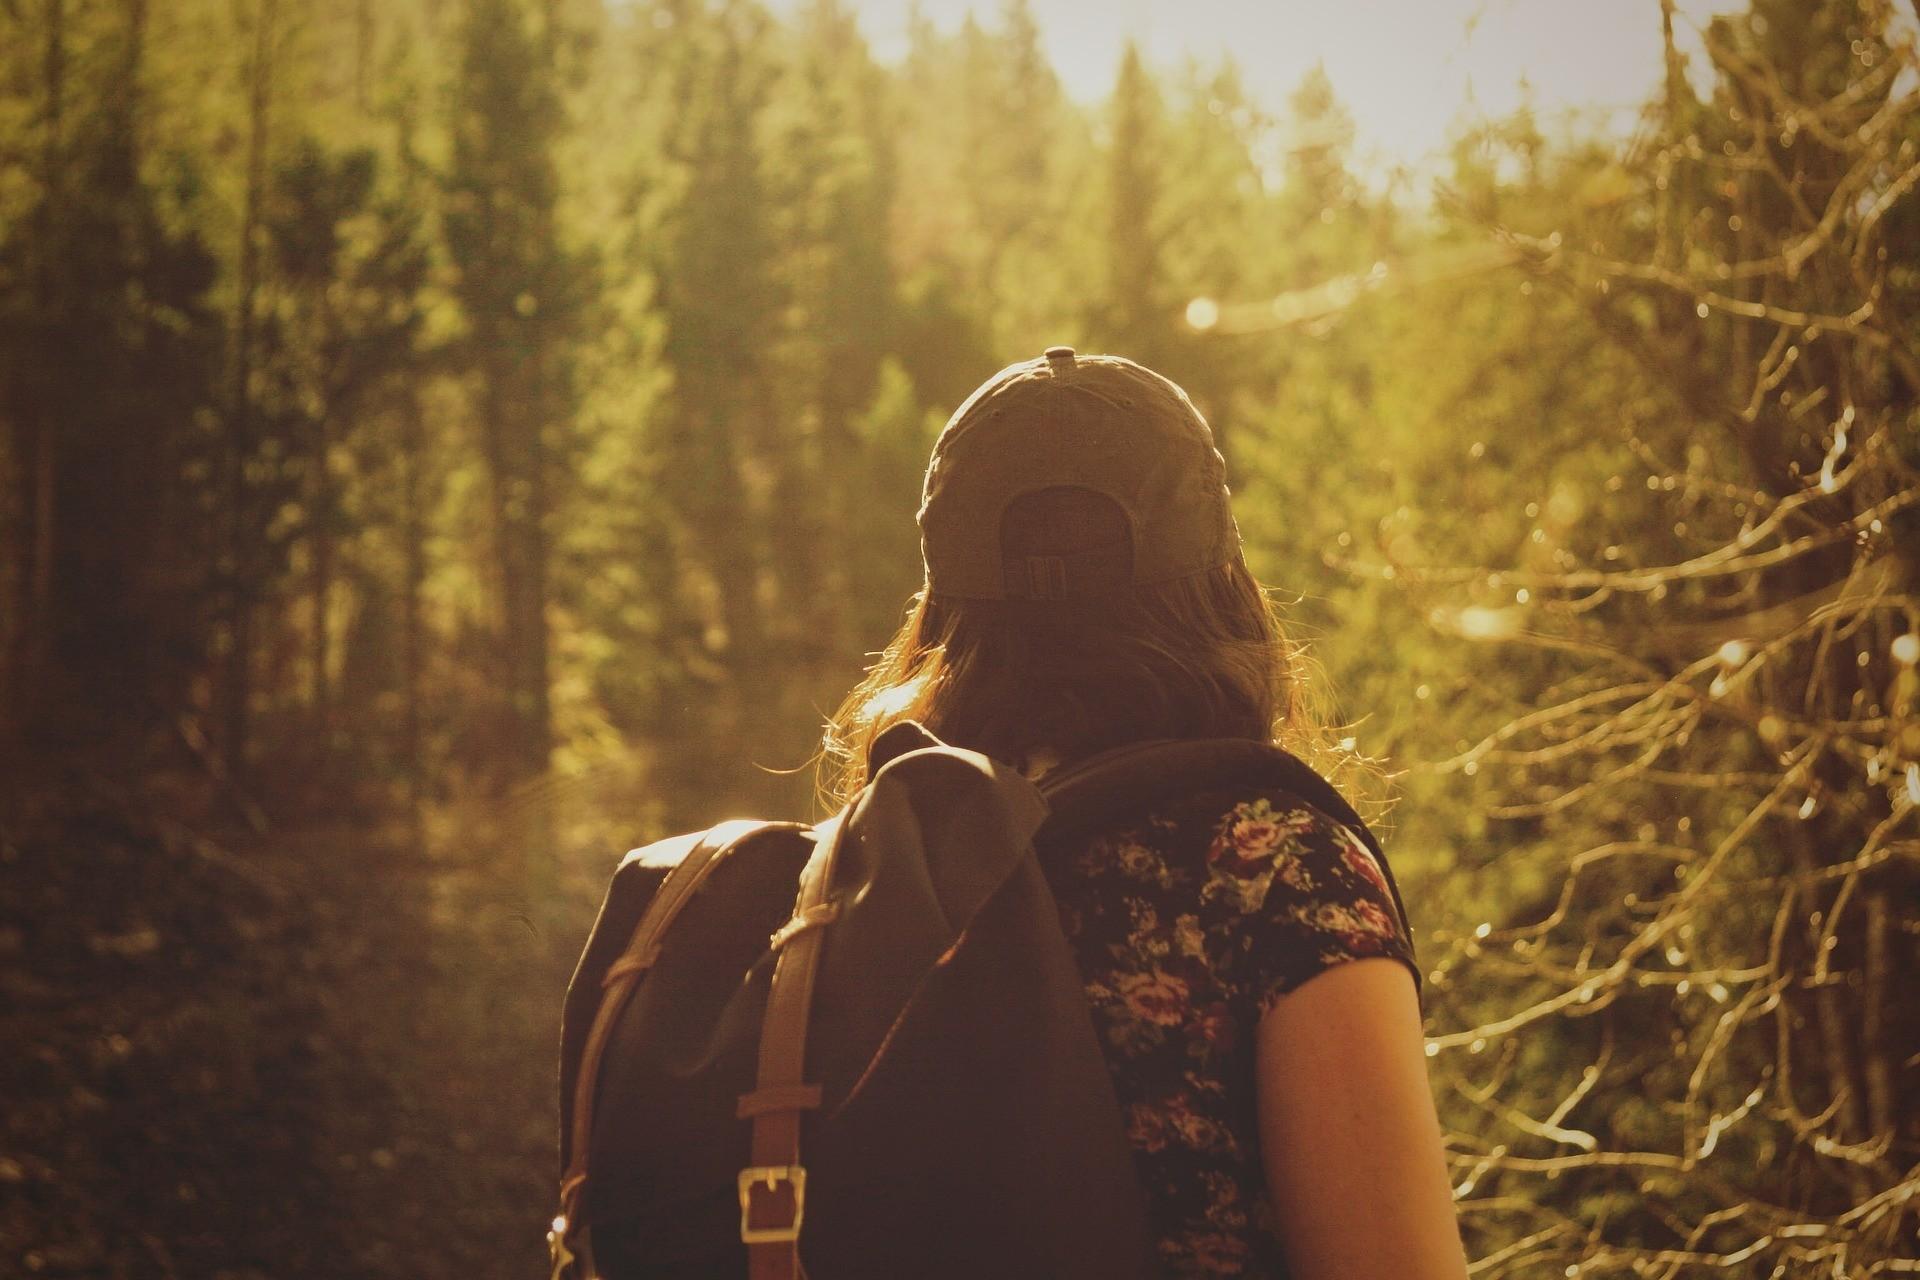 Introvert sám na cestách. Hazard nebo životní lekce?